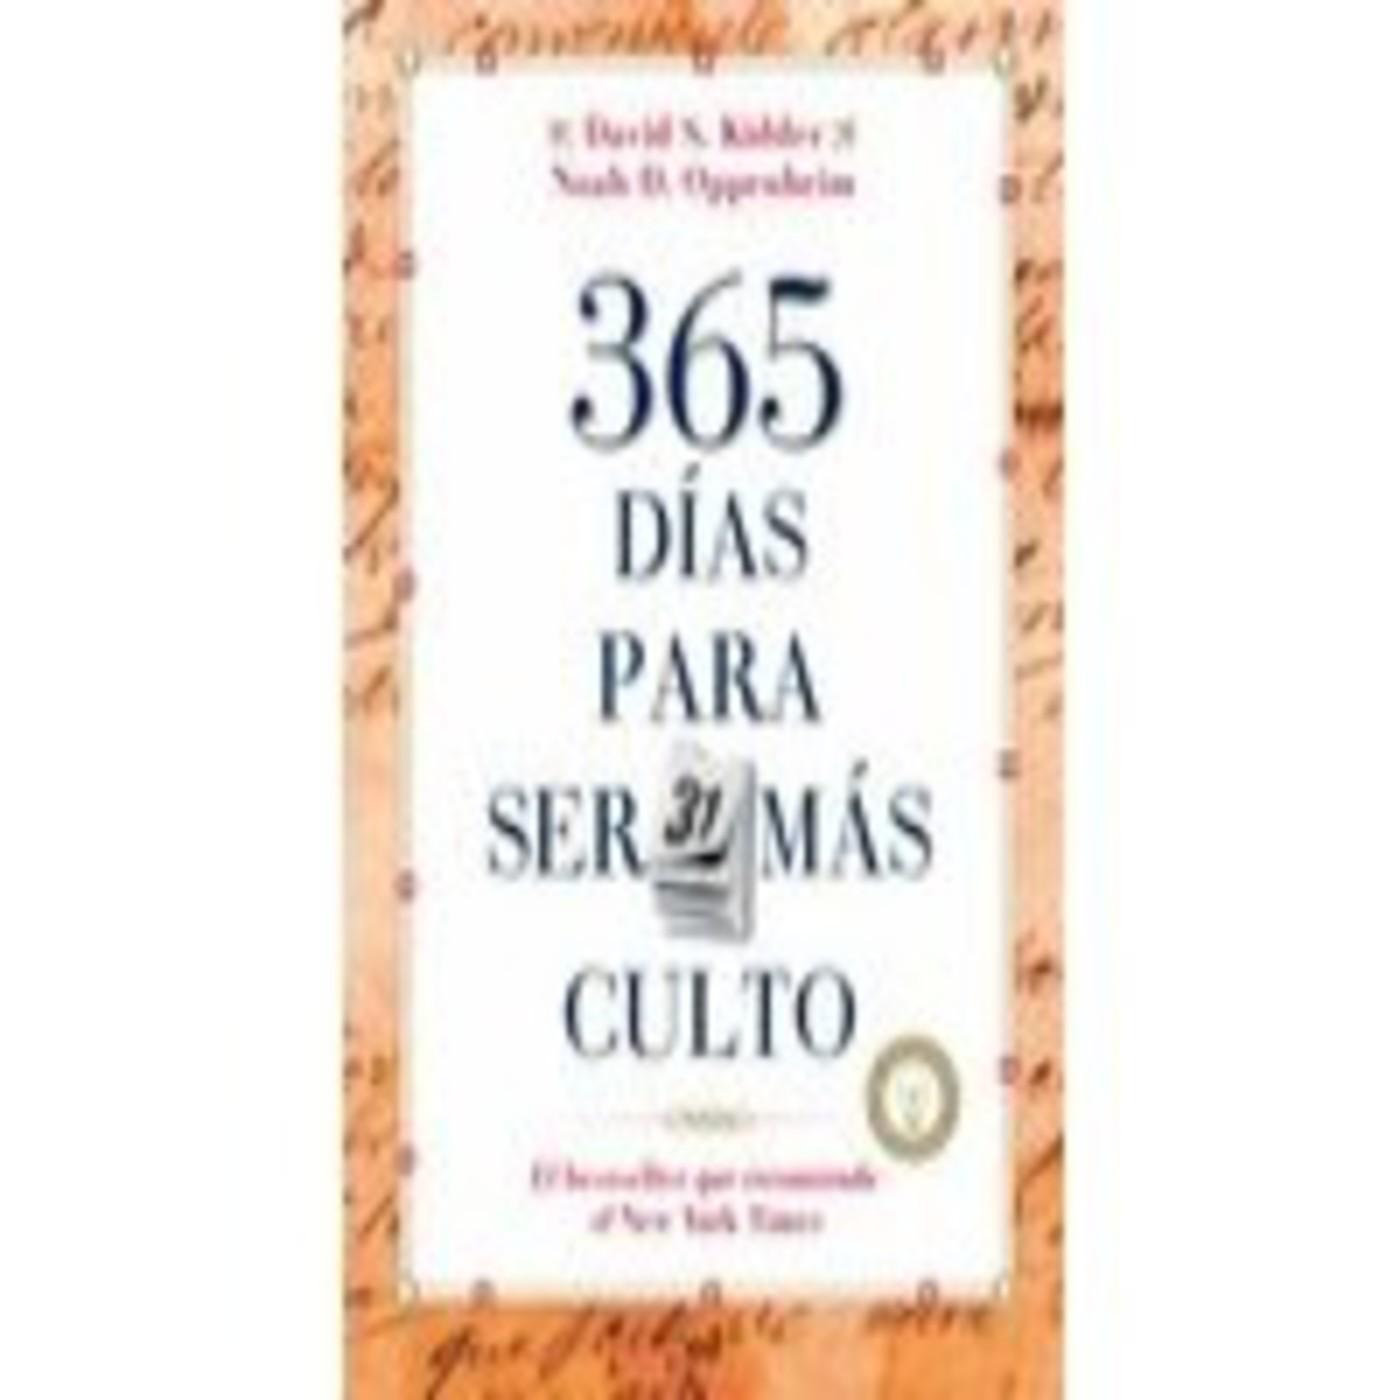 365 Dias Para Ser Mas Culto Pdf